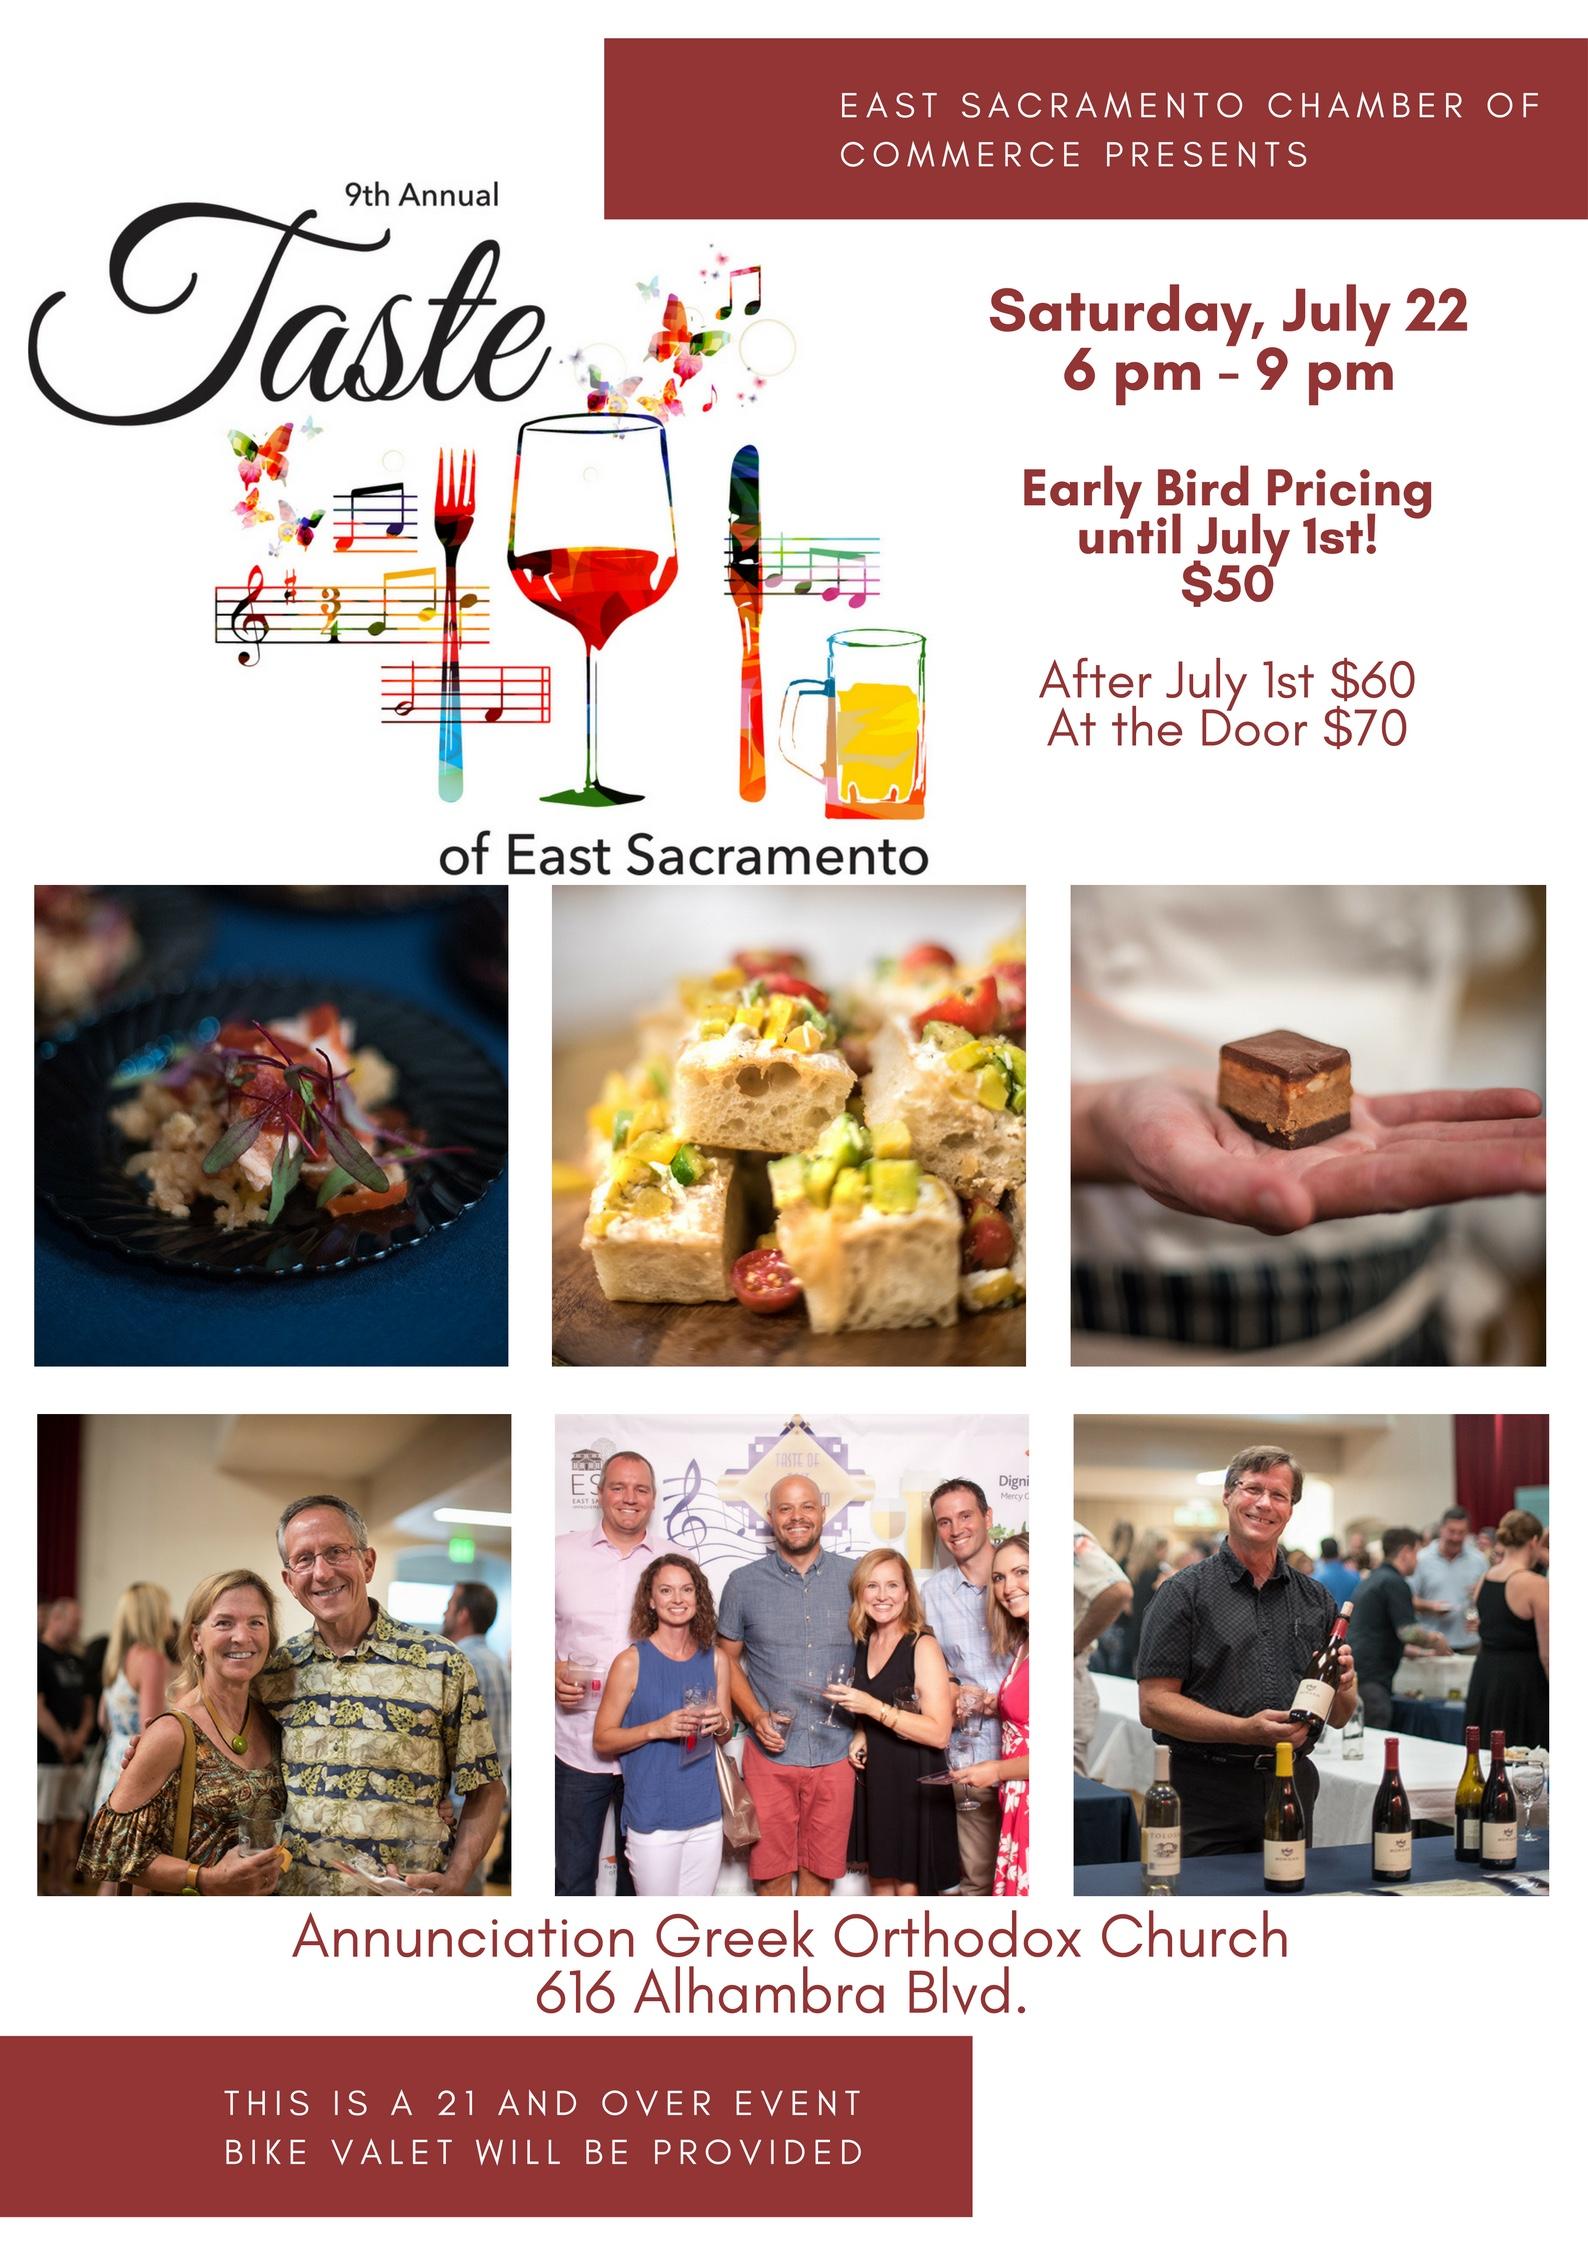 The Taste of East Sacramento 2017 Taste of East Sac